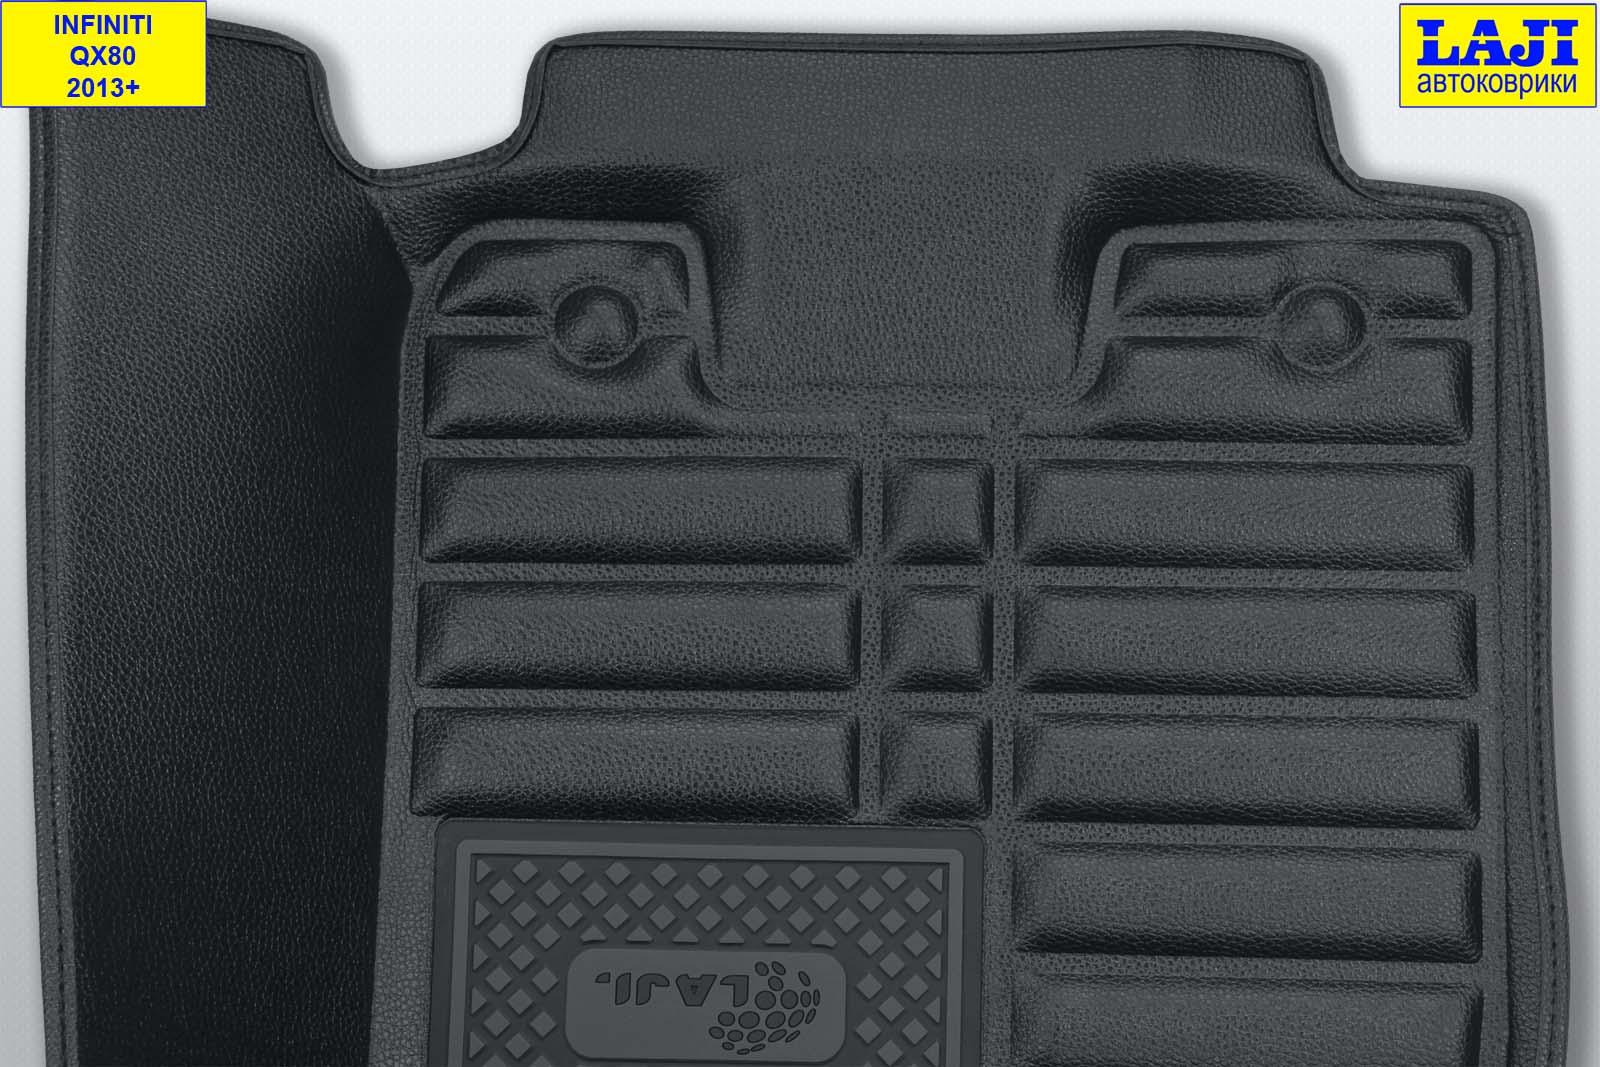 5D коврики в салон Infiniti QX80 2013-н.в. 8